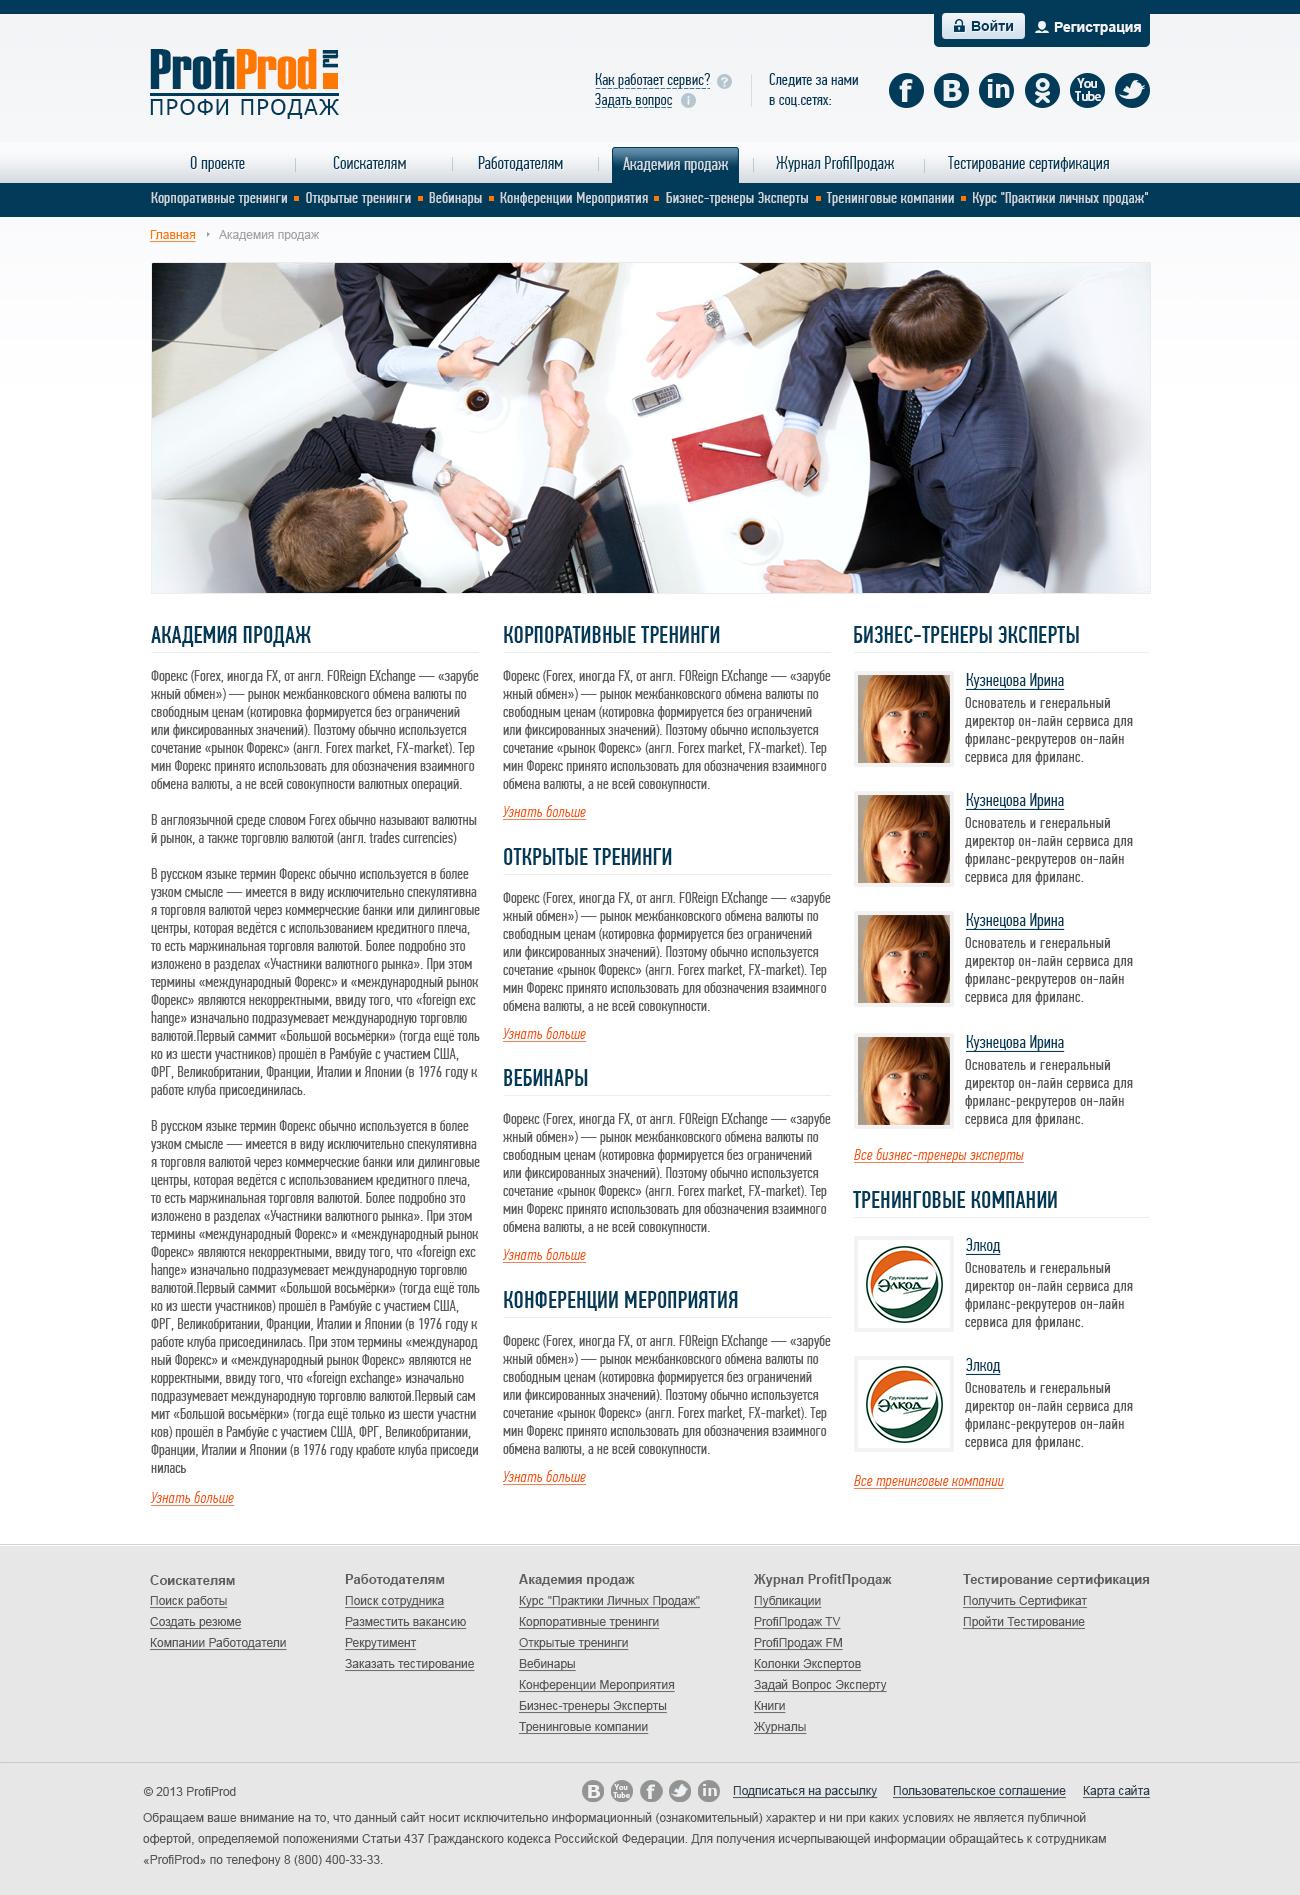 Сорудничество с Fenek Studio, разработка дизайна портала (главная и внутренние, порядка 60-ти страниц) по поиску работы